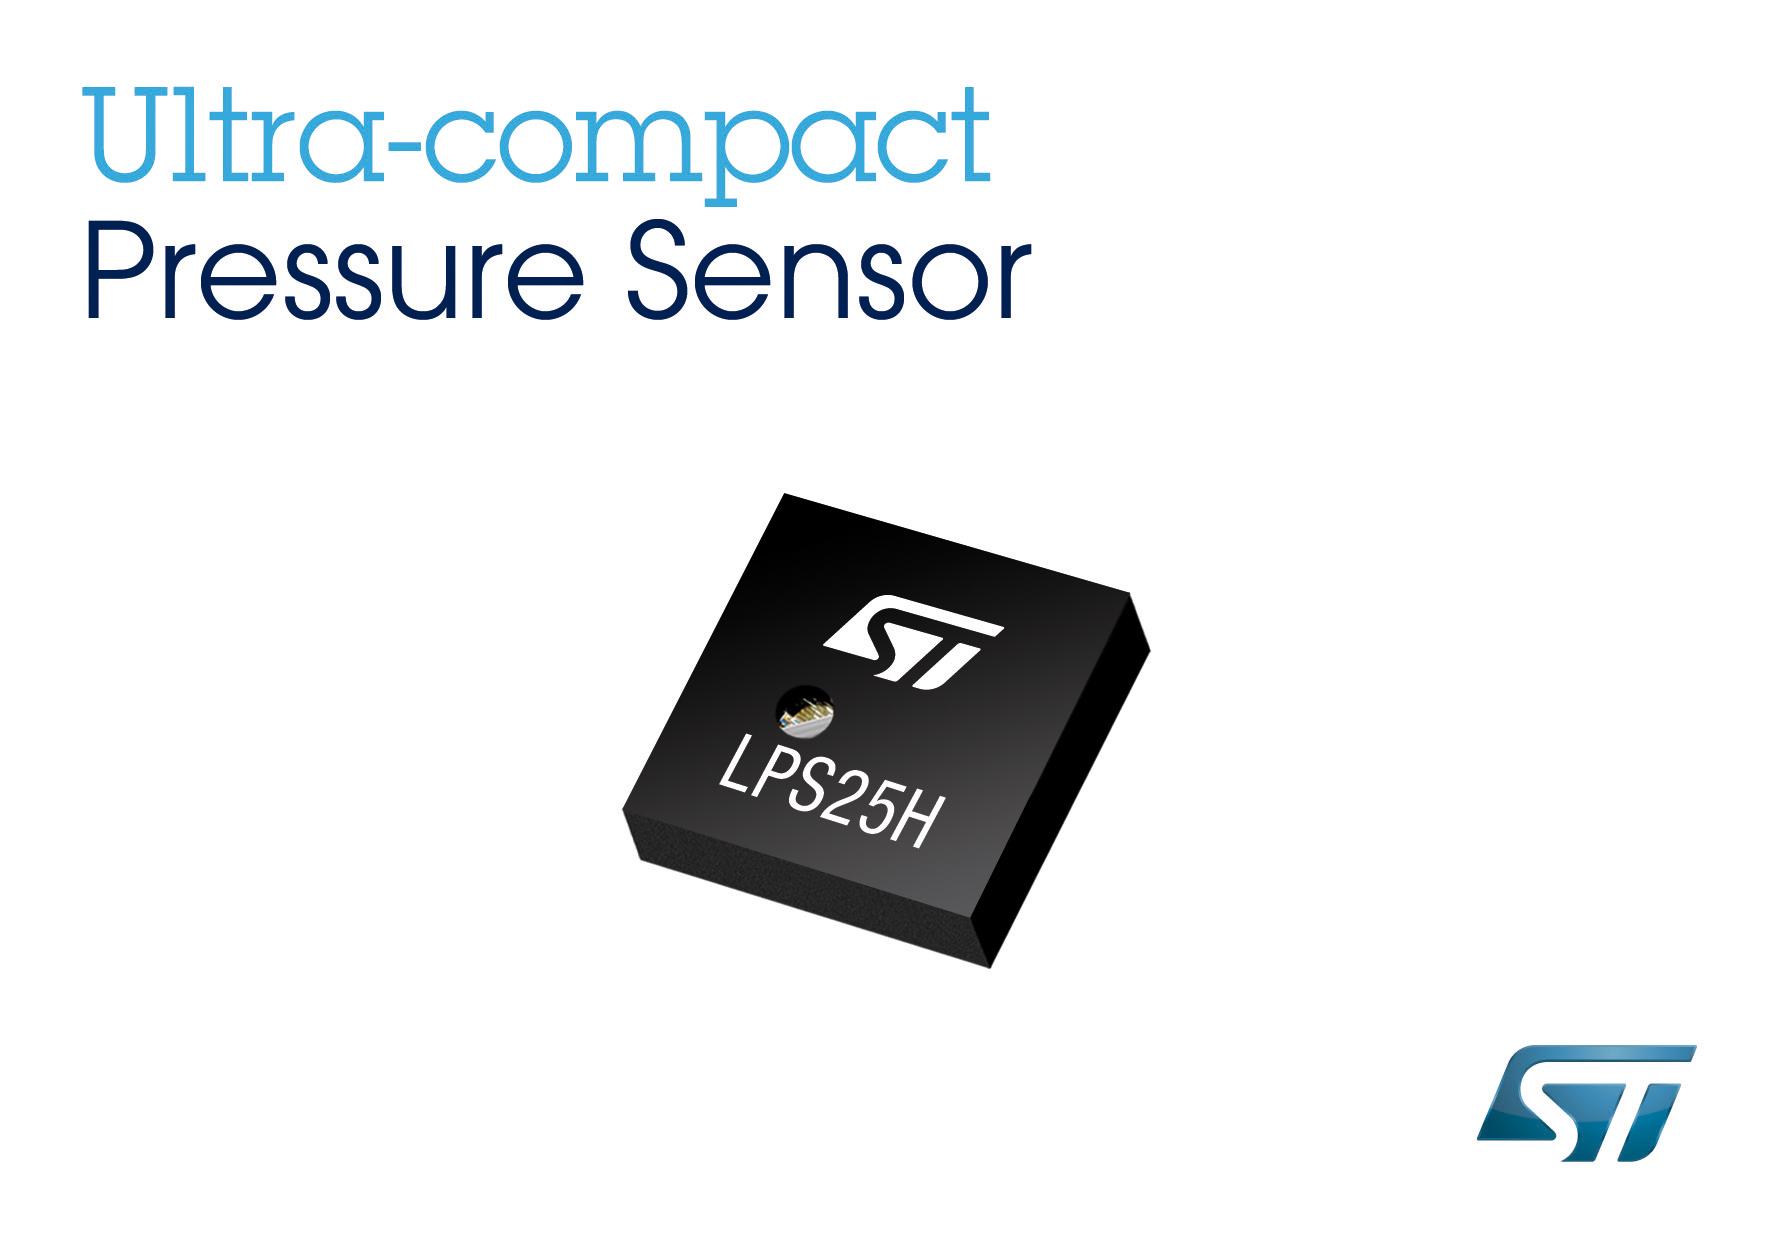 LPS25H_Pressure_Sensor_p3536big